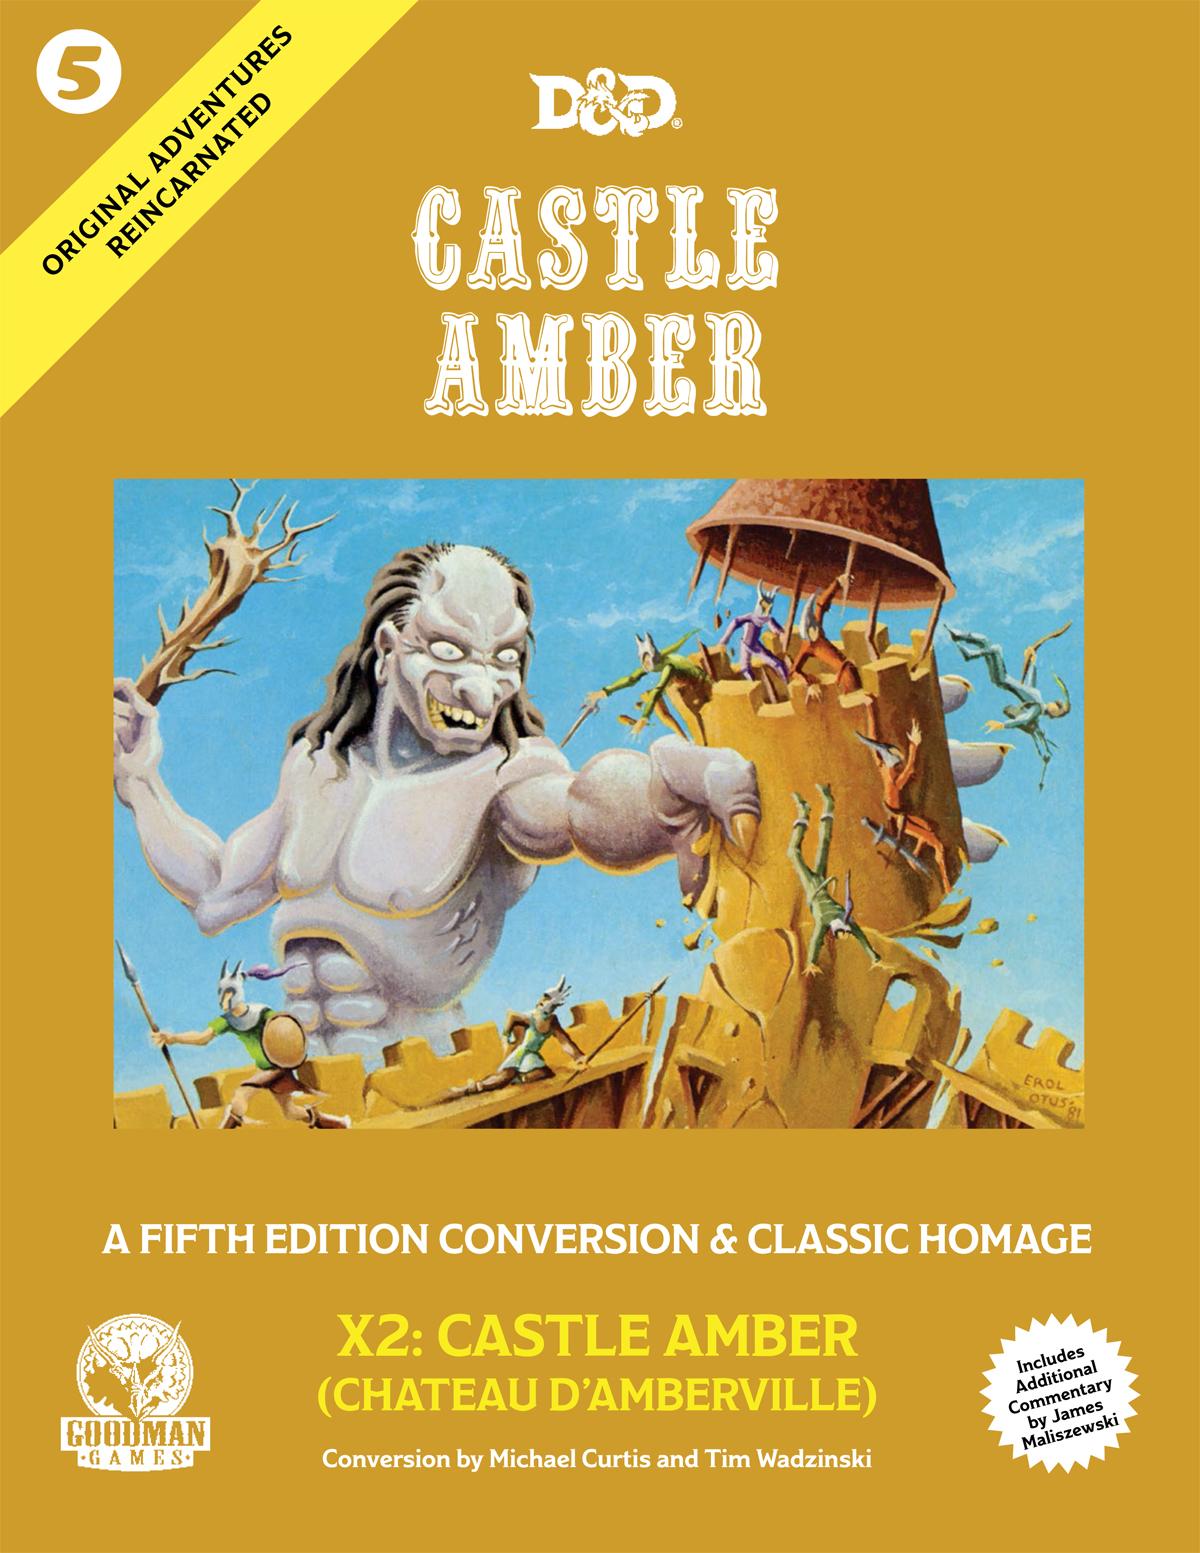 D&D Castle Amber X2: Castle Amber